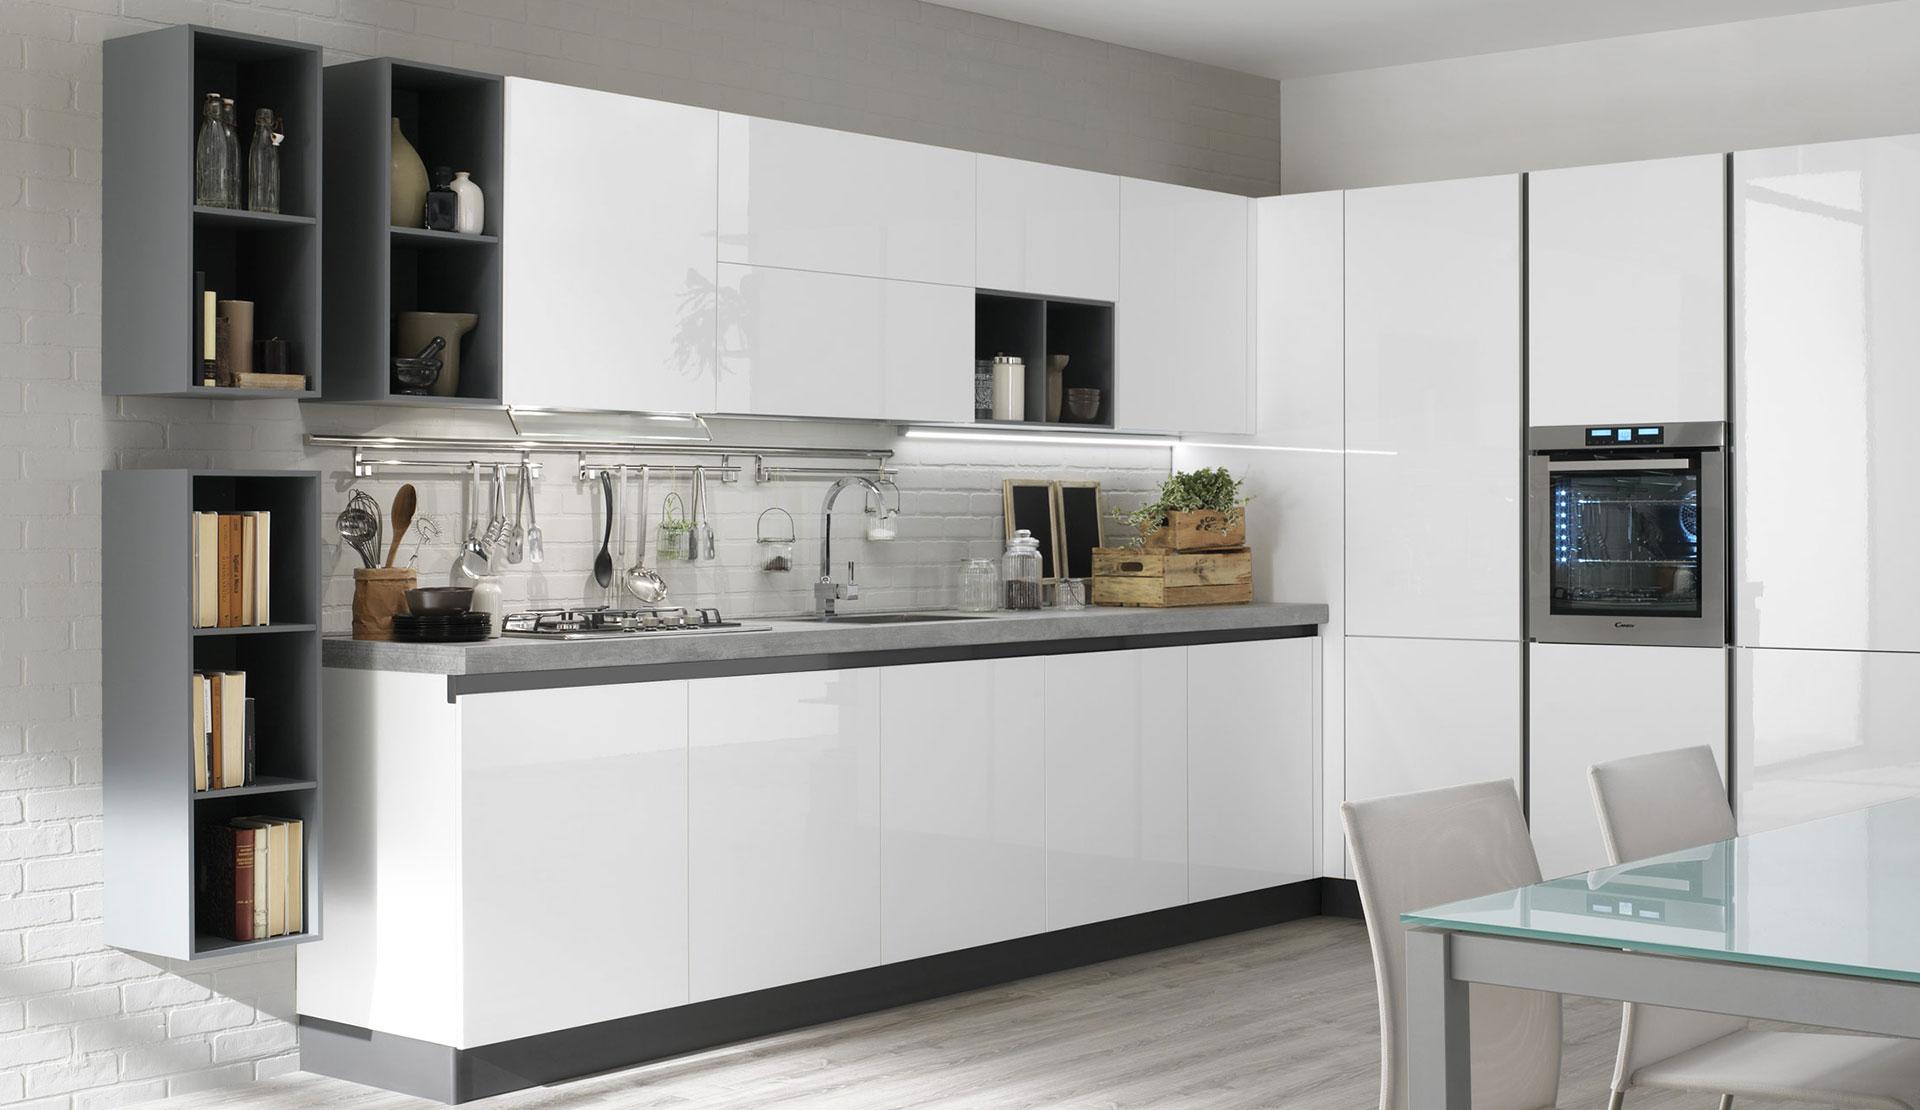 Cucina lineare o angolare evo cucine sito web for Cucine classiche lineari